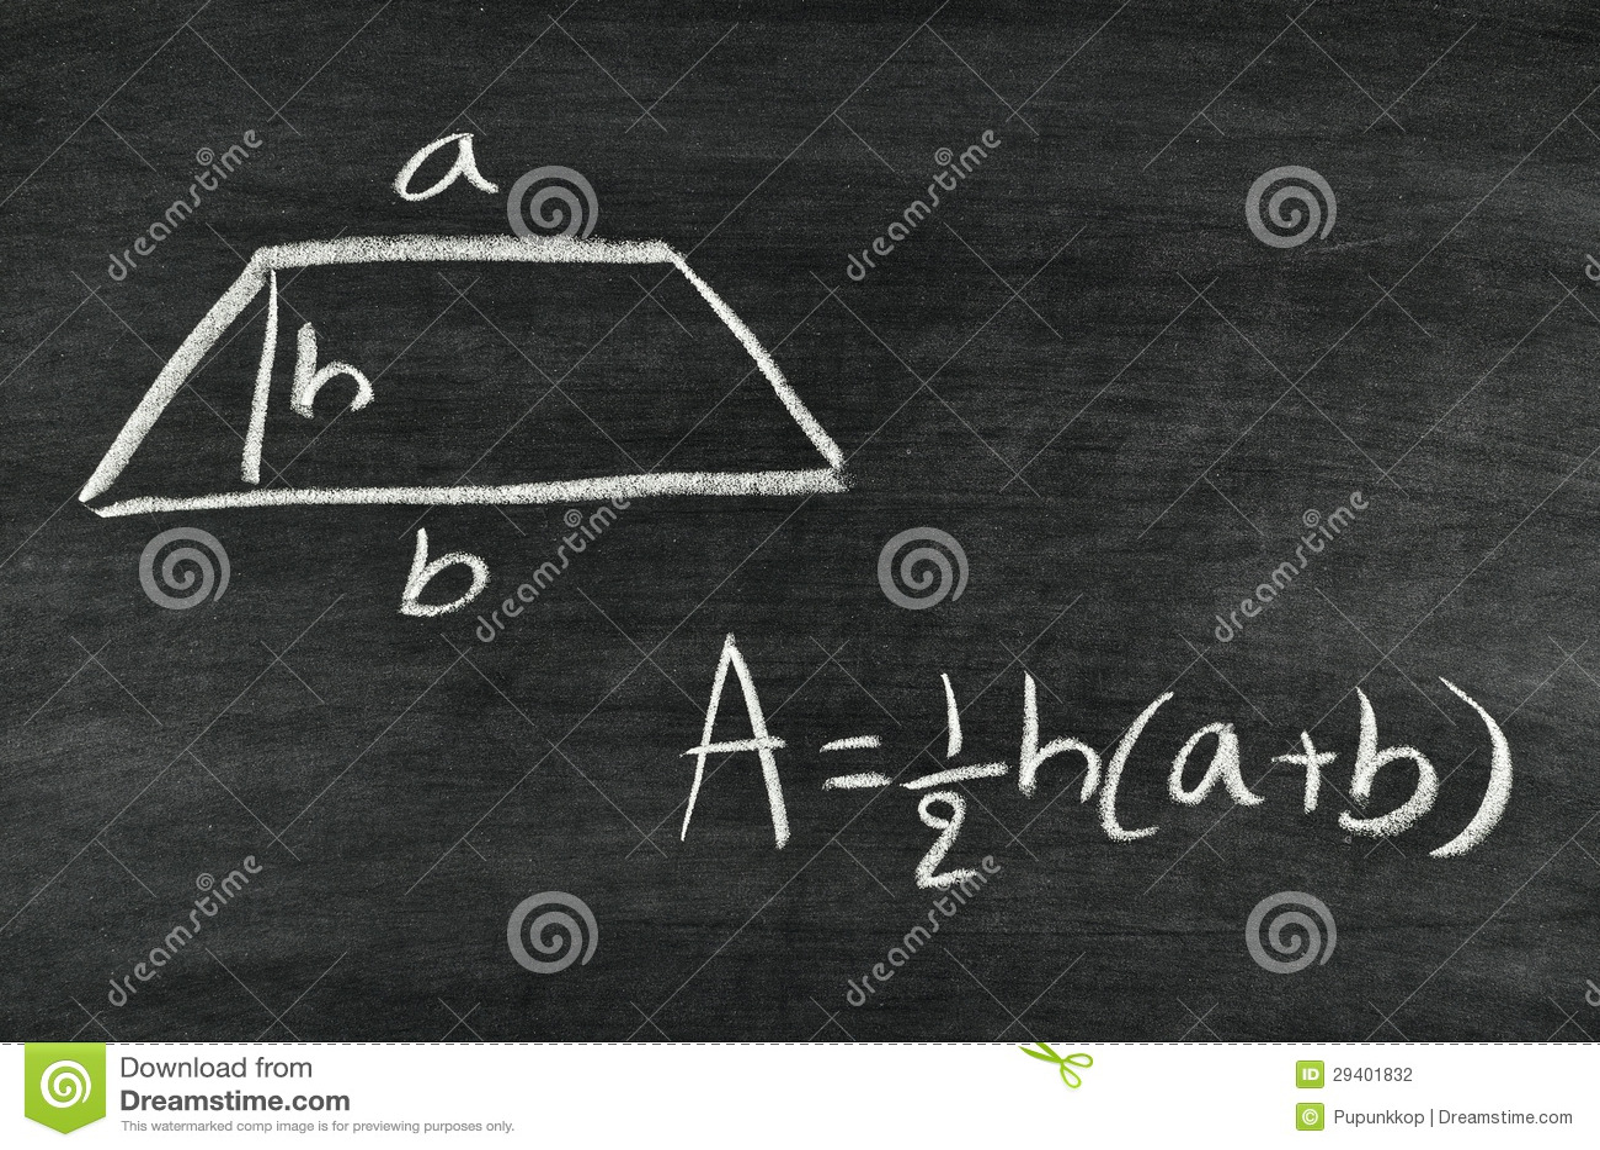 Trapezoid area formula